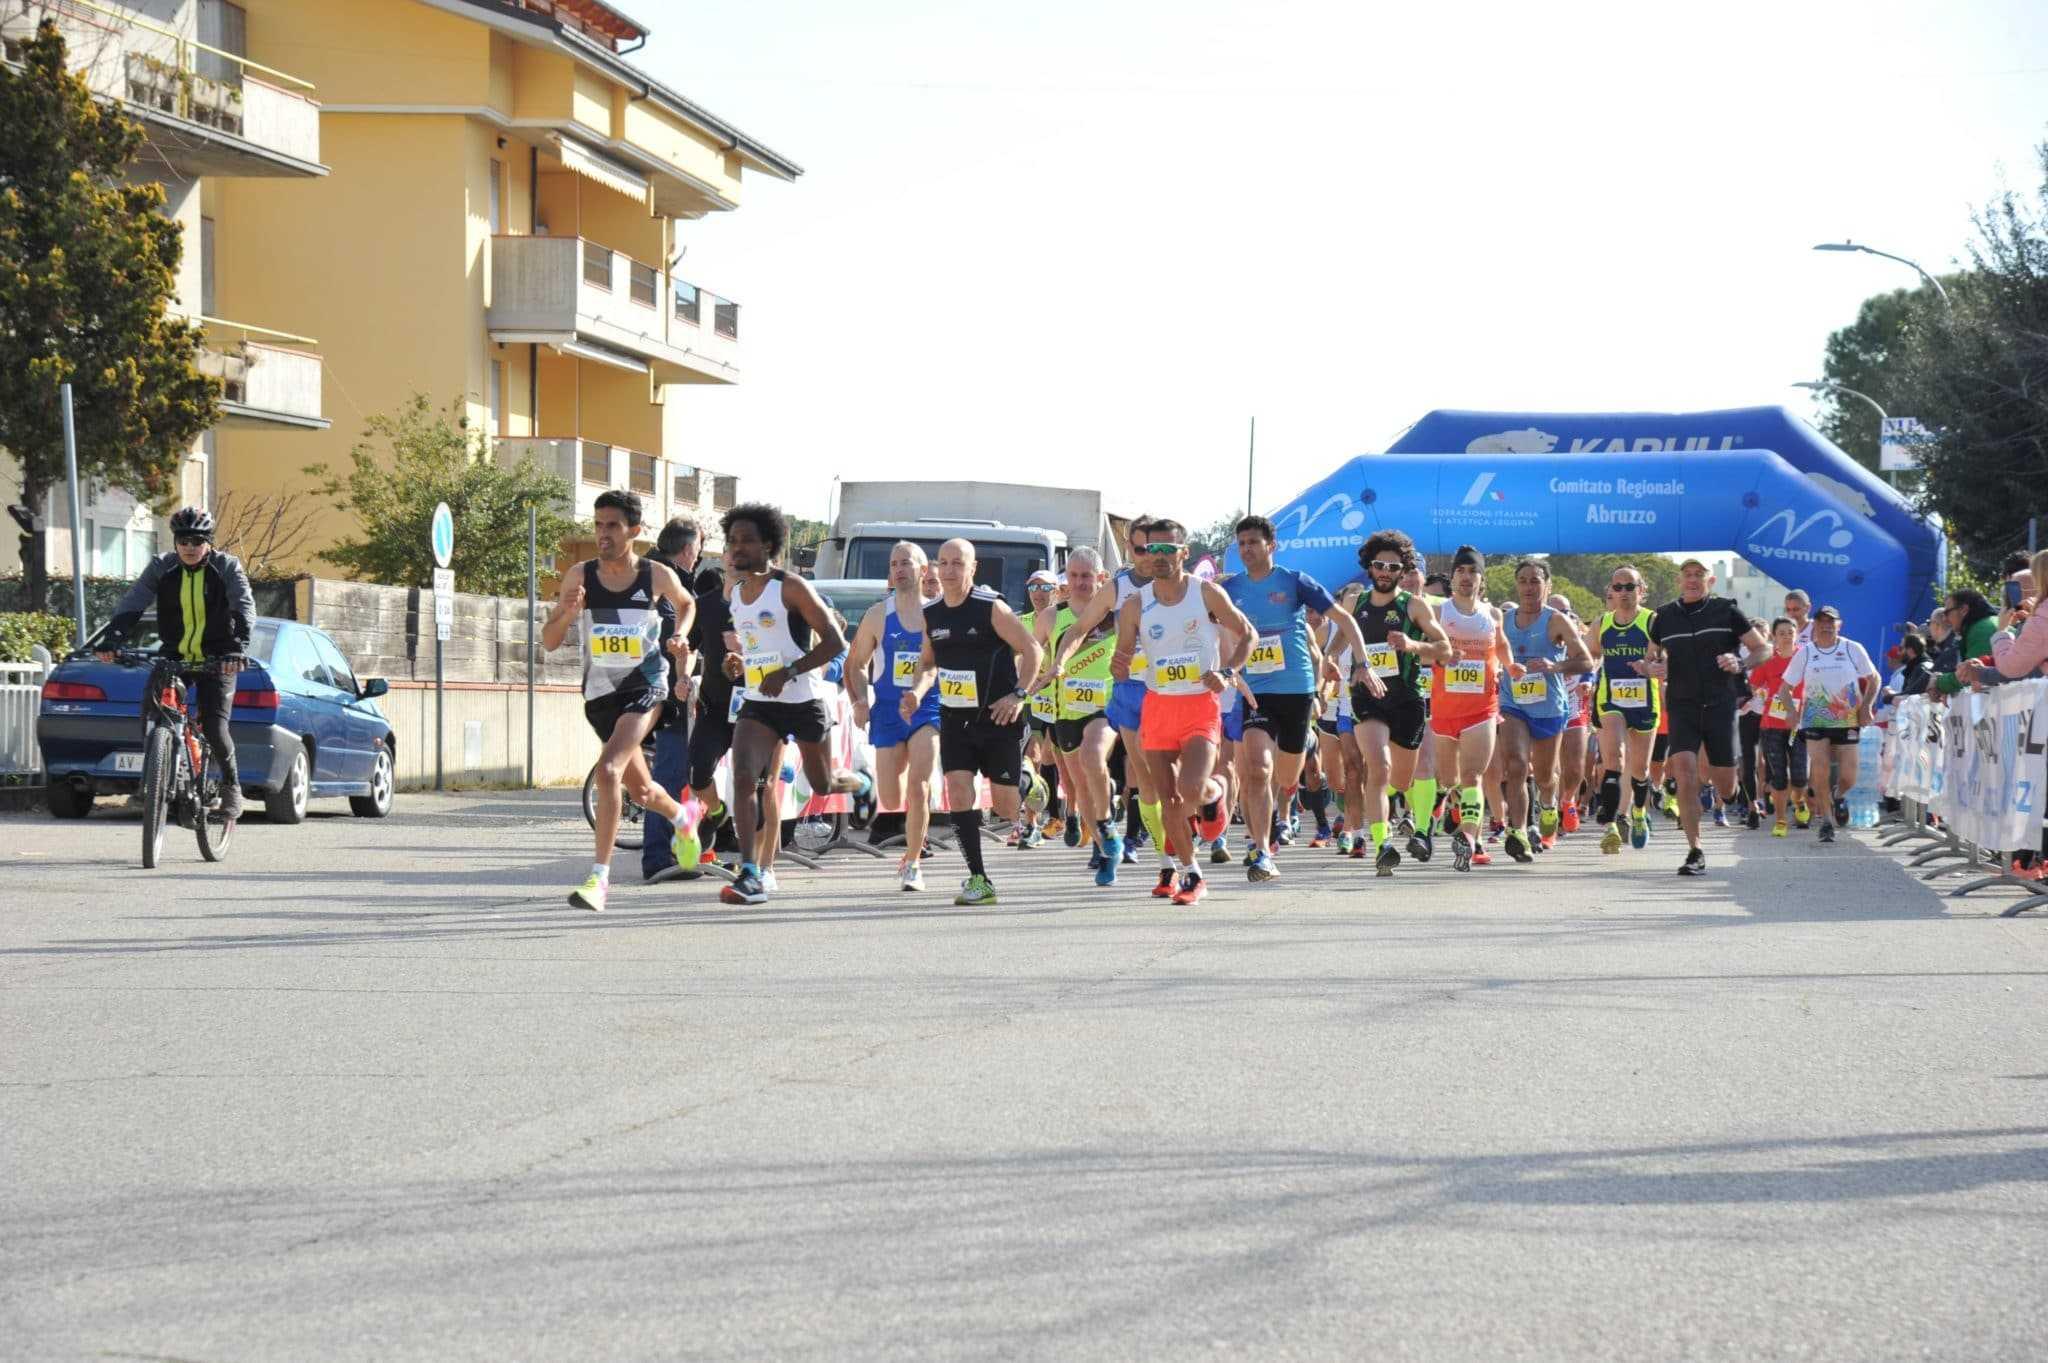 Trofeo Città di Martinsicuro, appuntamento al 15 marzo con la stagione podistica